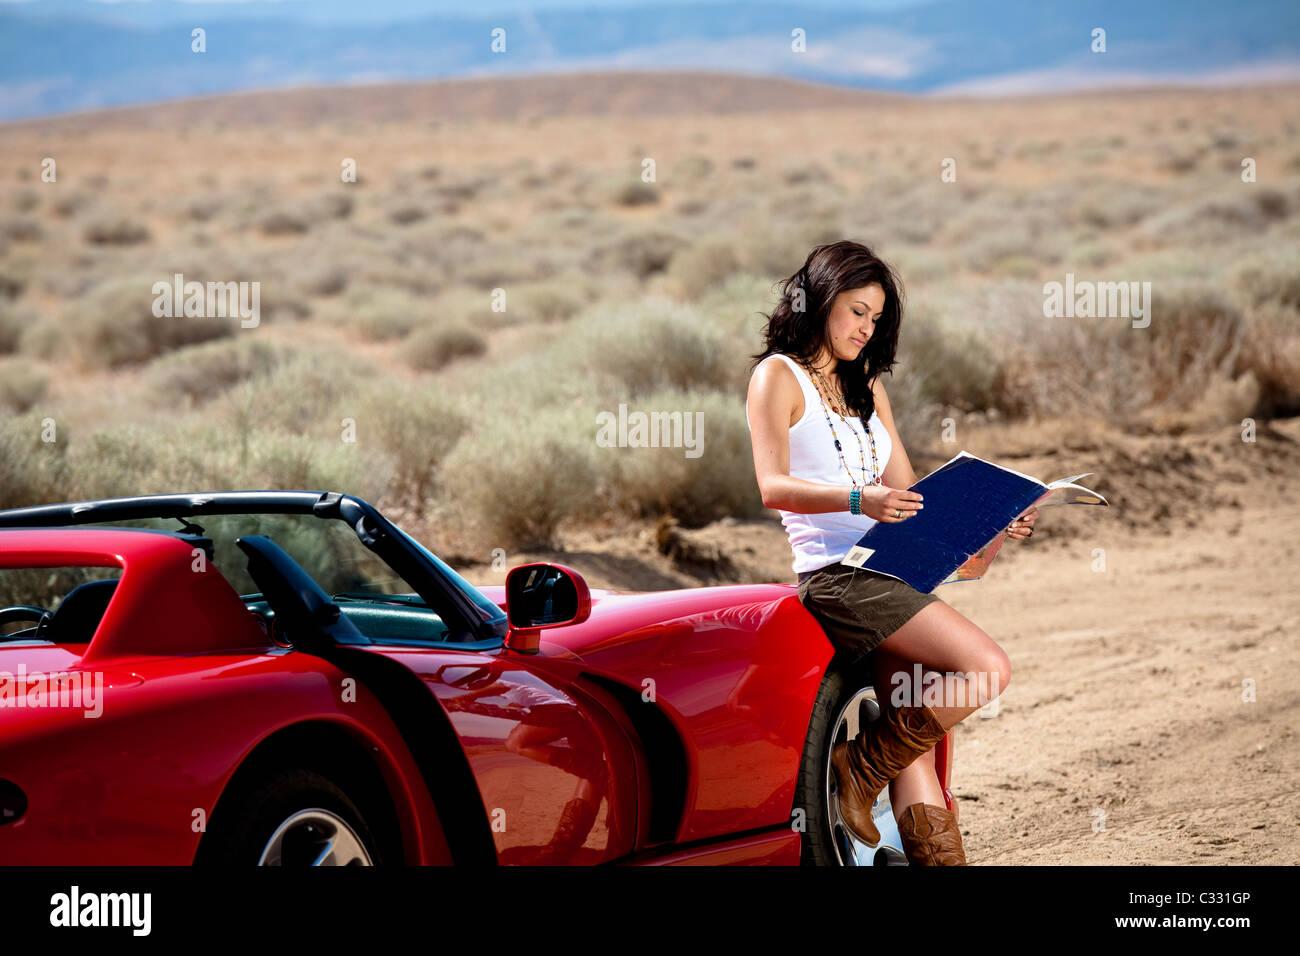 Una joven mujer atractiva lee un mapa mientras está de pie junto a un coche deportivo rojo en Lancaster, California. Imagen De Stock